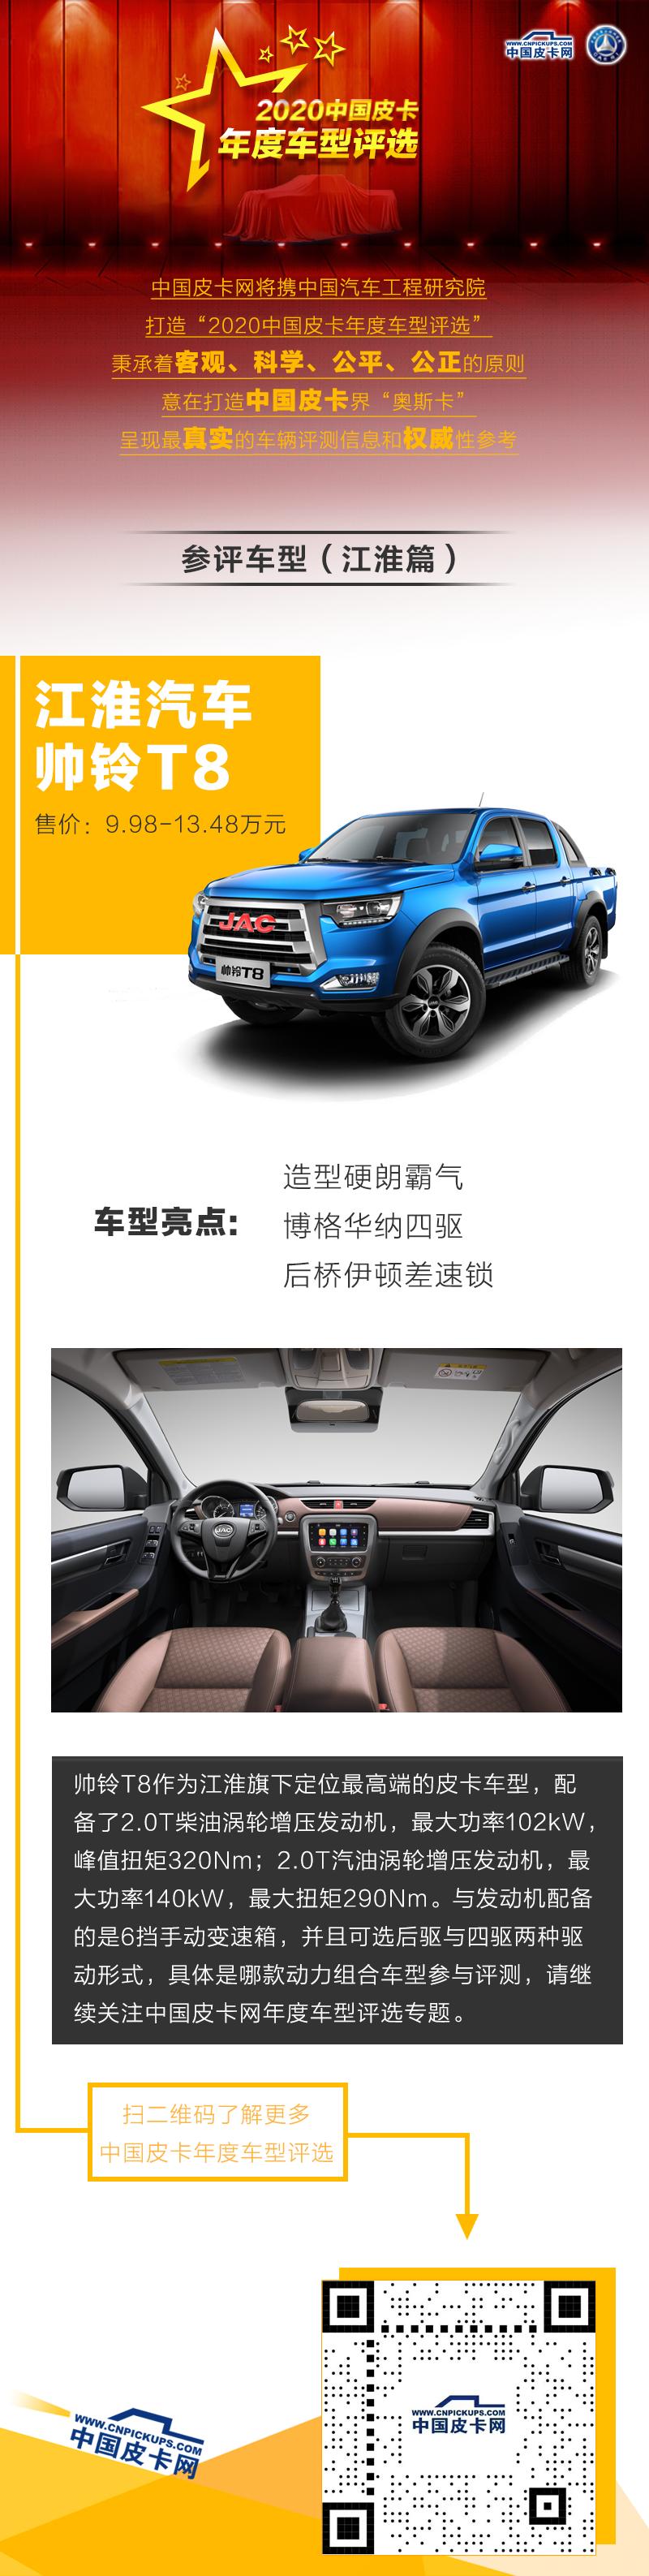 """江淮帥鈴T8參評""""2020中國皮卡年度車型評選"""""""